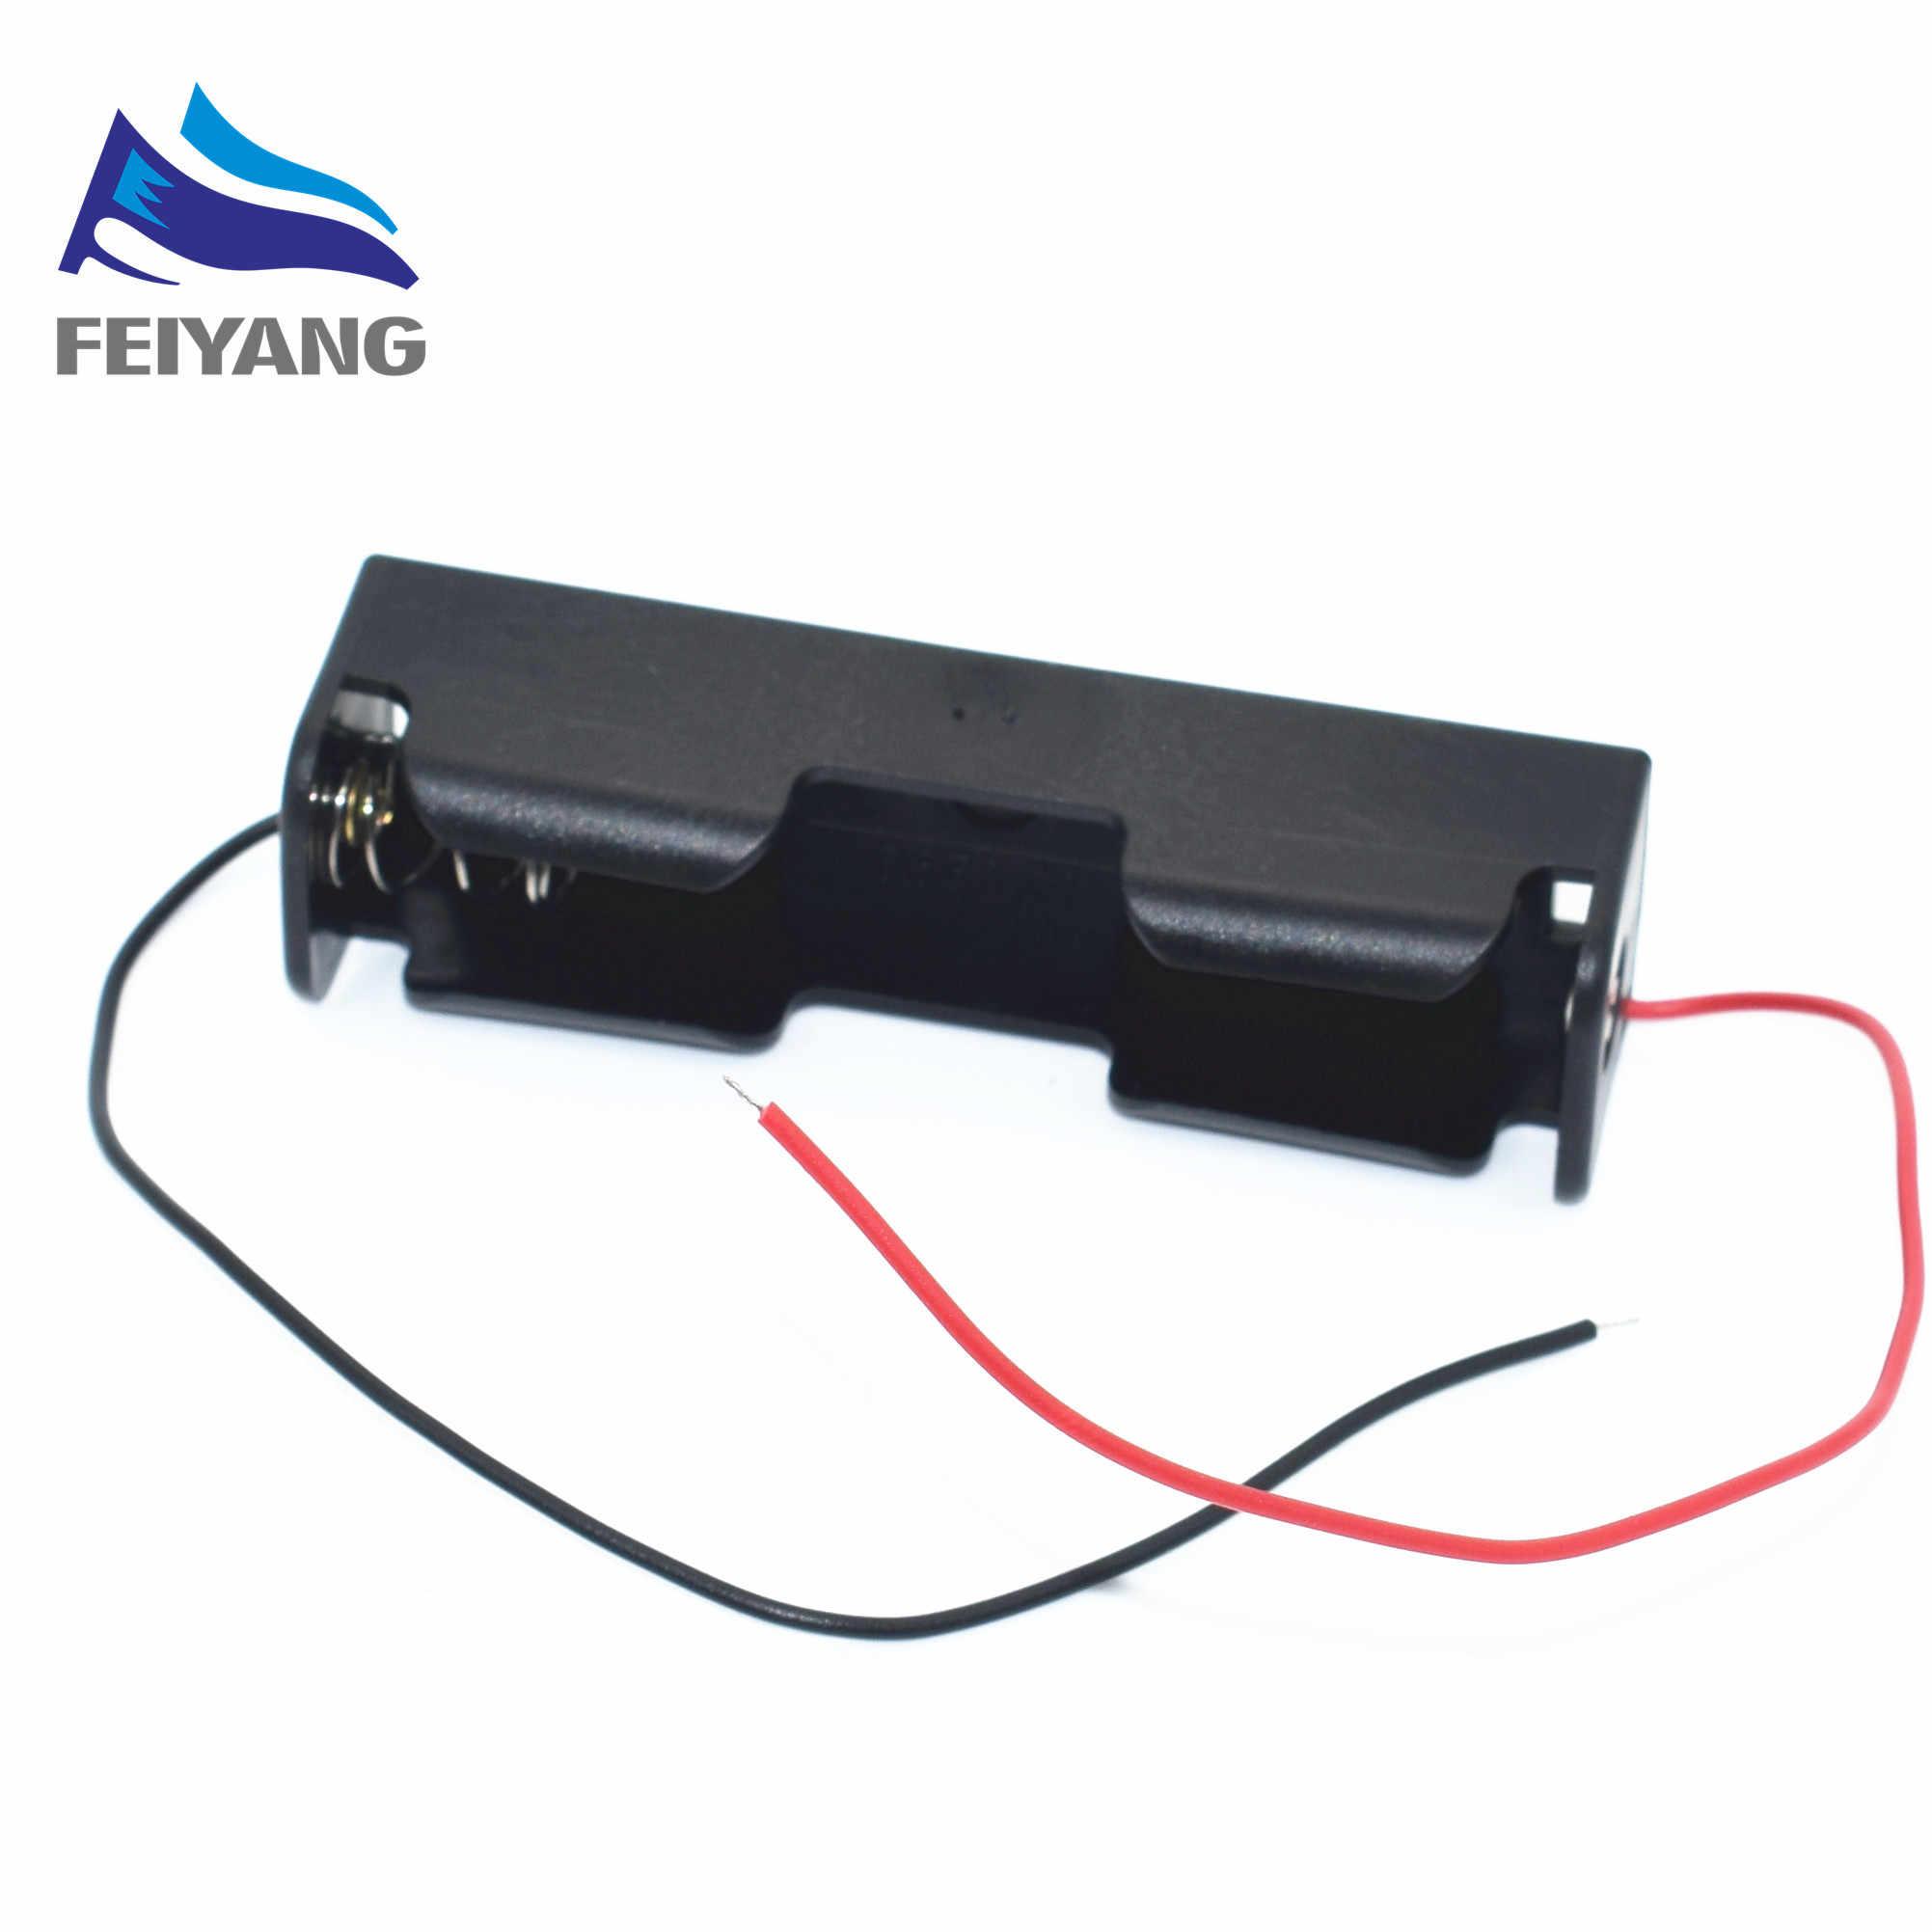 Nouveau 5 pièces 18650 boîtier de boîte de support de batterie noir avec fil de plomb 3.7V Clip de haute qualité